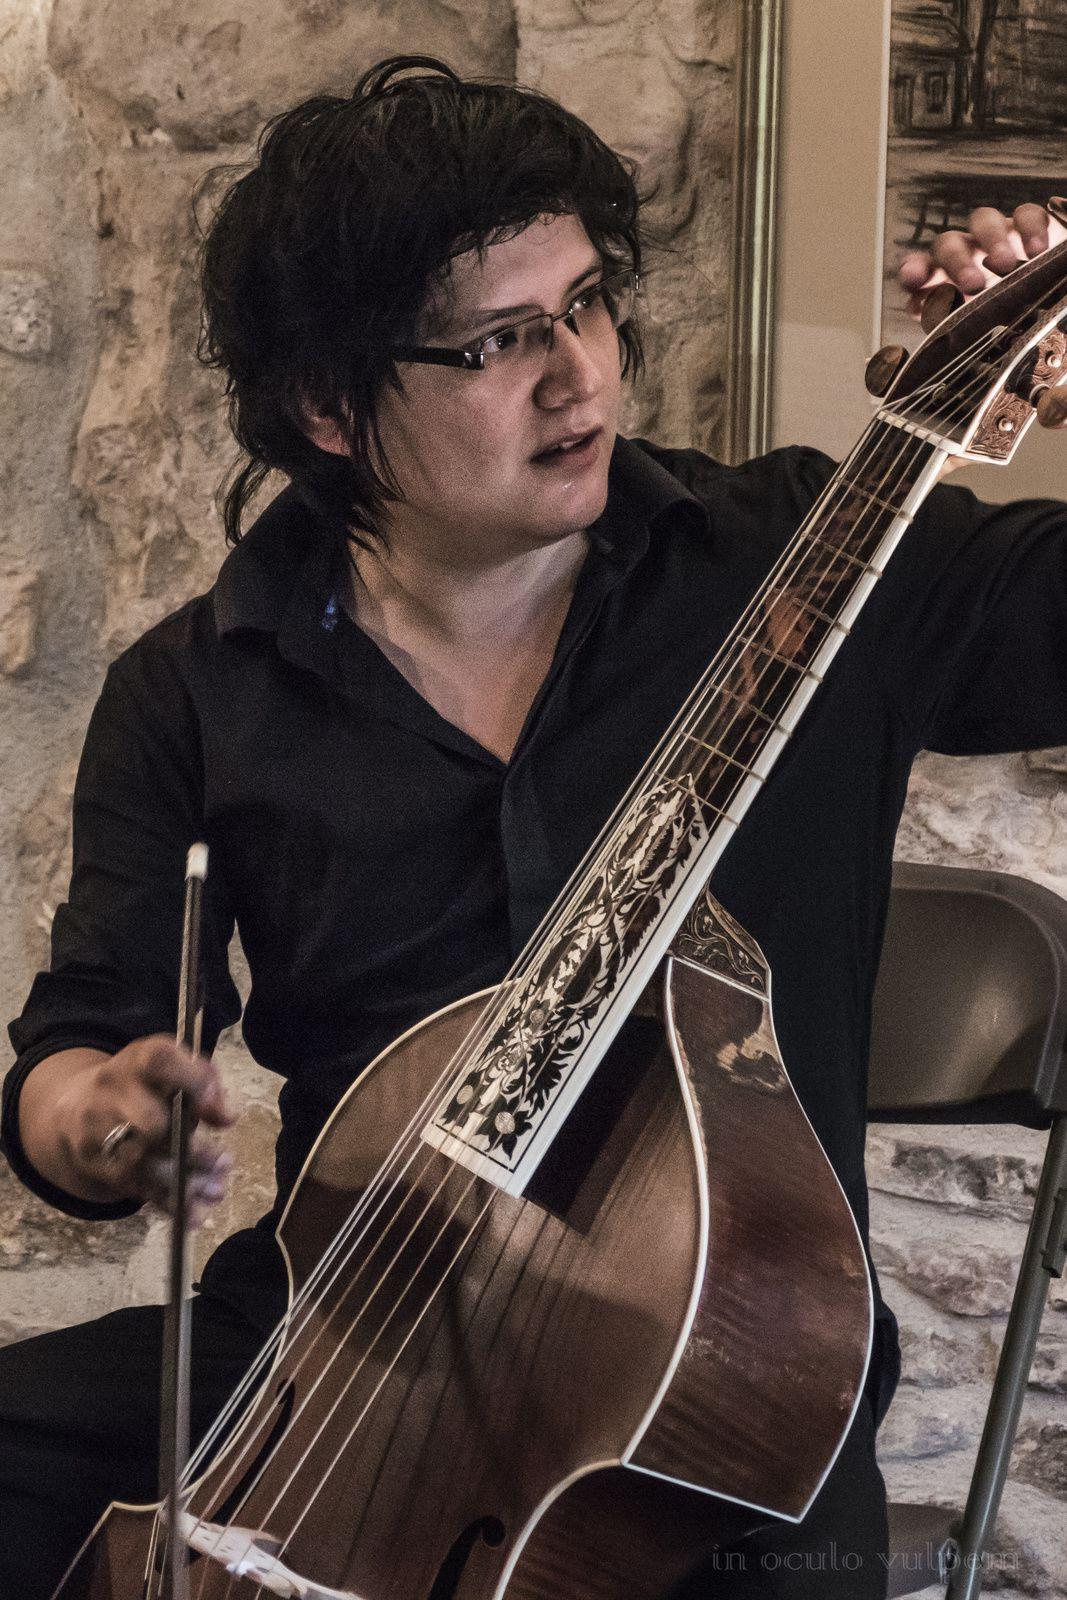 Les Promenades Musicales du pays d'Auge. Les Talents Réunis, Mathias Ferré. Domaine Christian Drouin, 20/07/2018